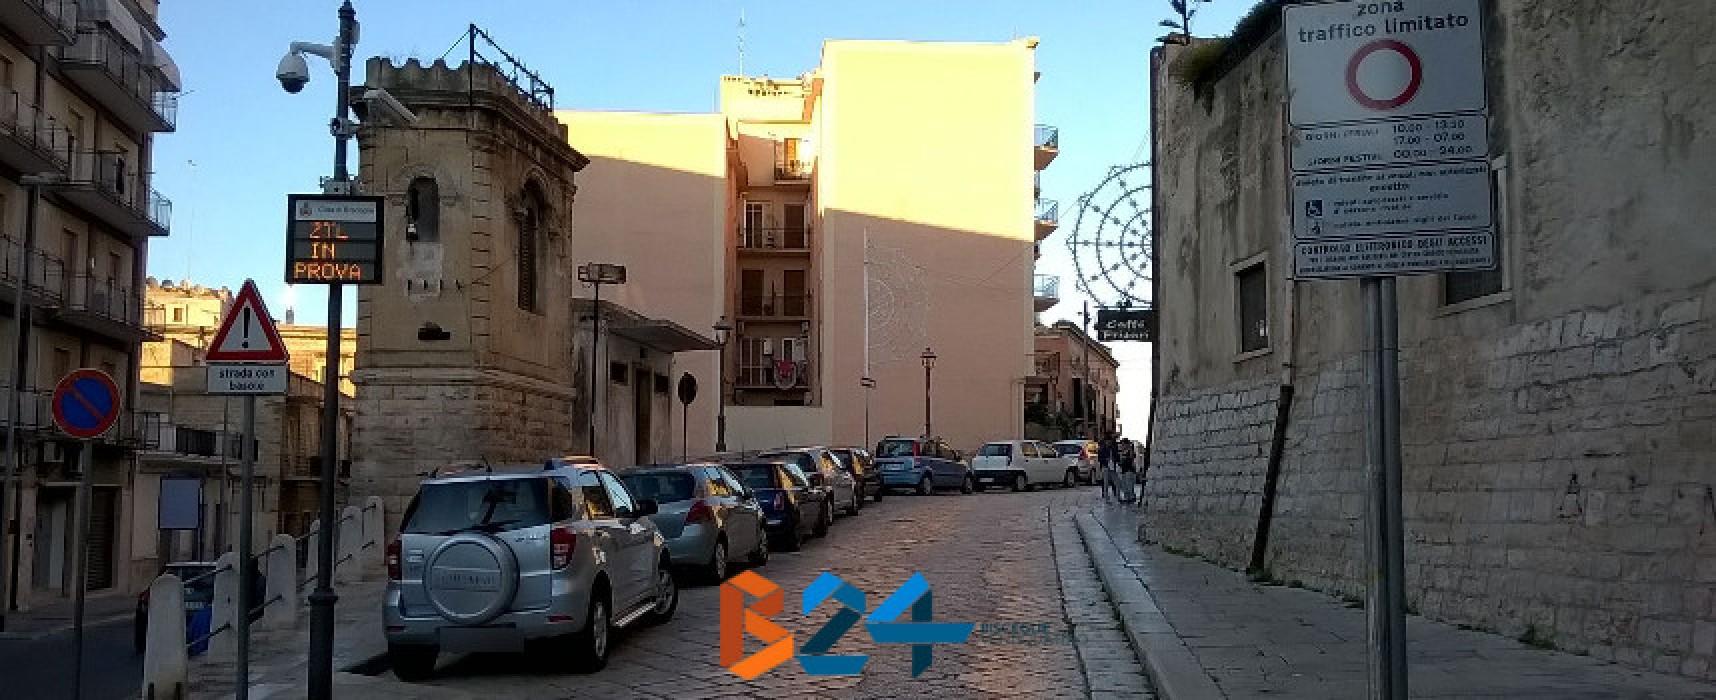 Nuova variazione orari Ztl nel centro storico a partire da dicembre